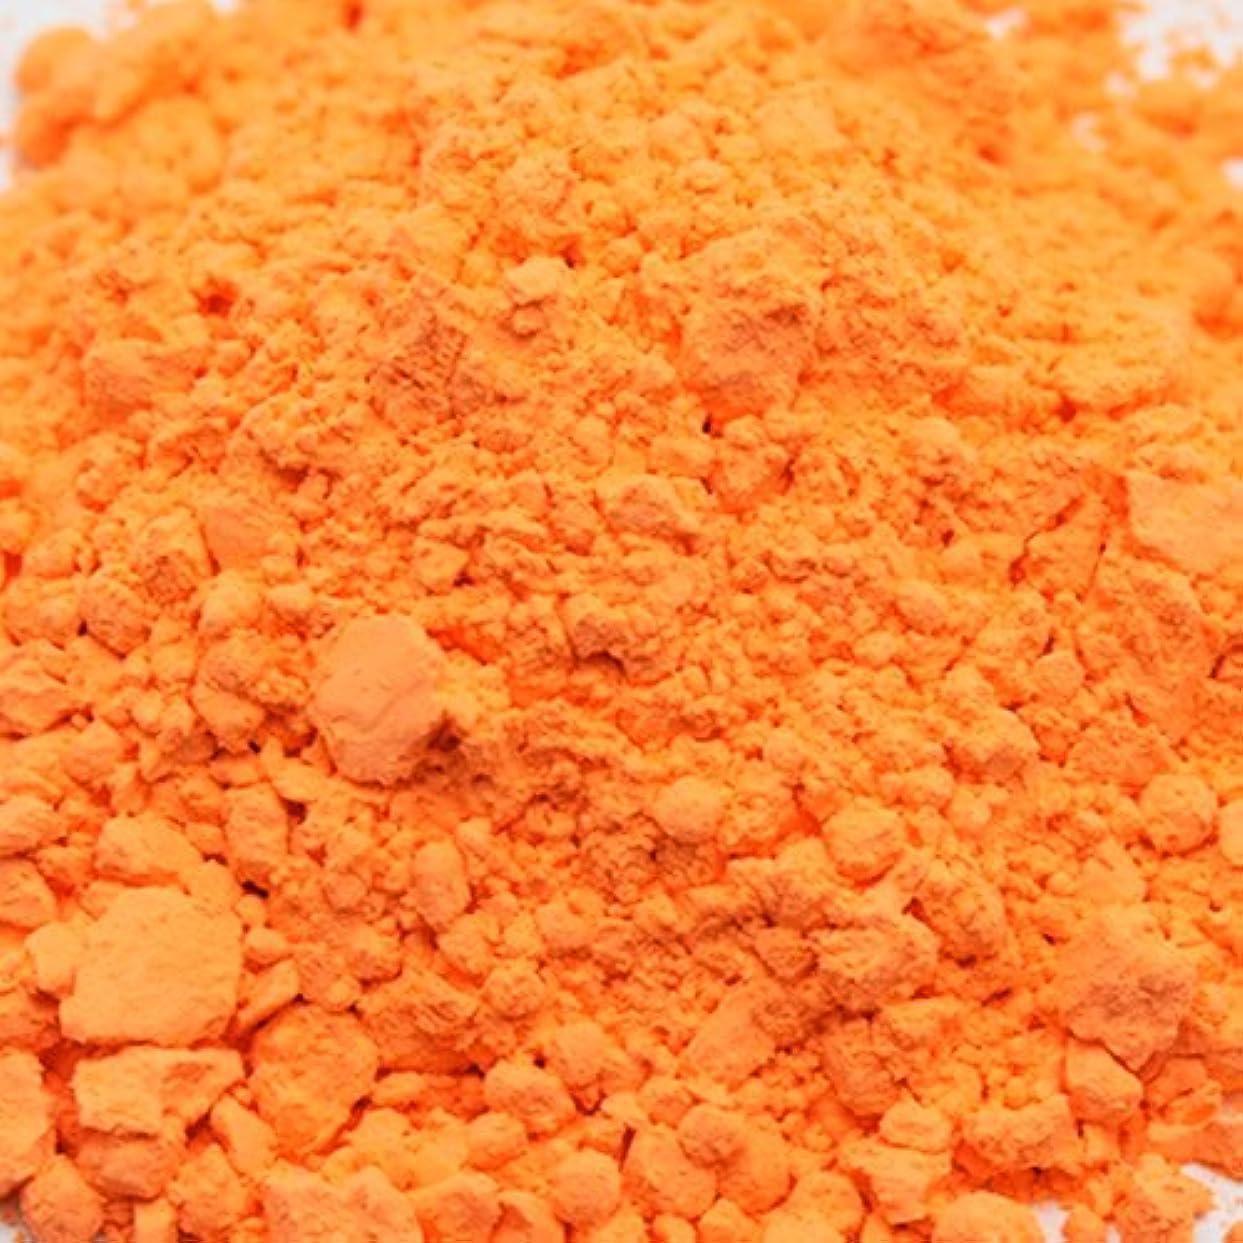 電球宴会ブルームキャンディカラー オレンジ 5g 【手作り石鹸/手作りコスメ/色付け/カラーラント/オレンジ】